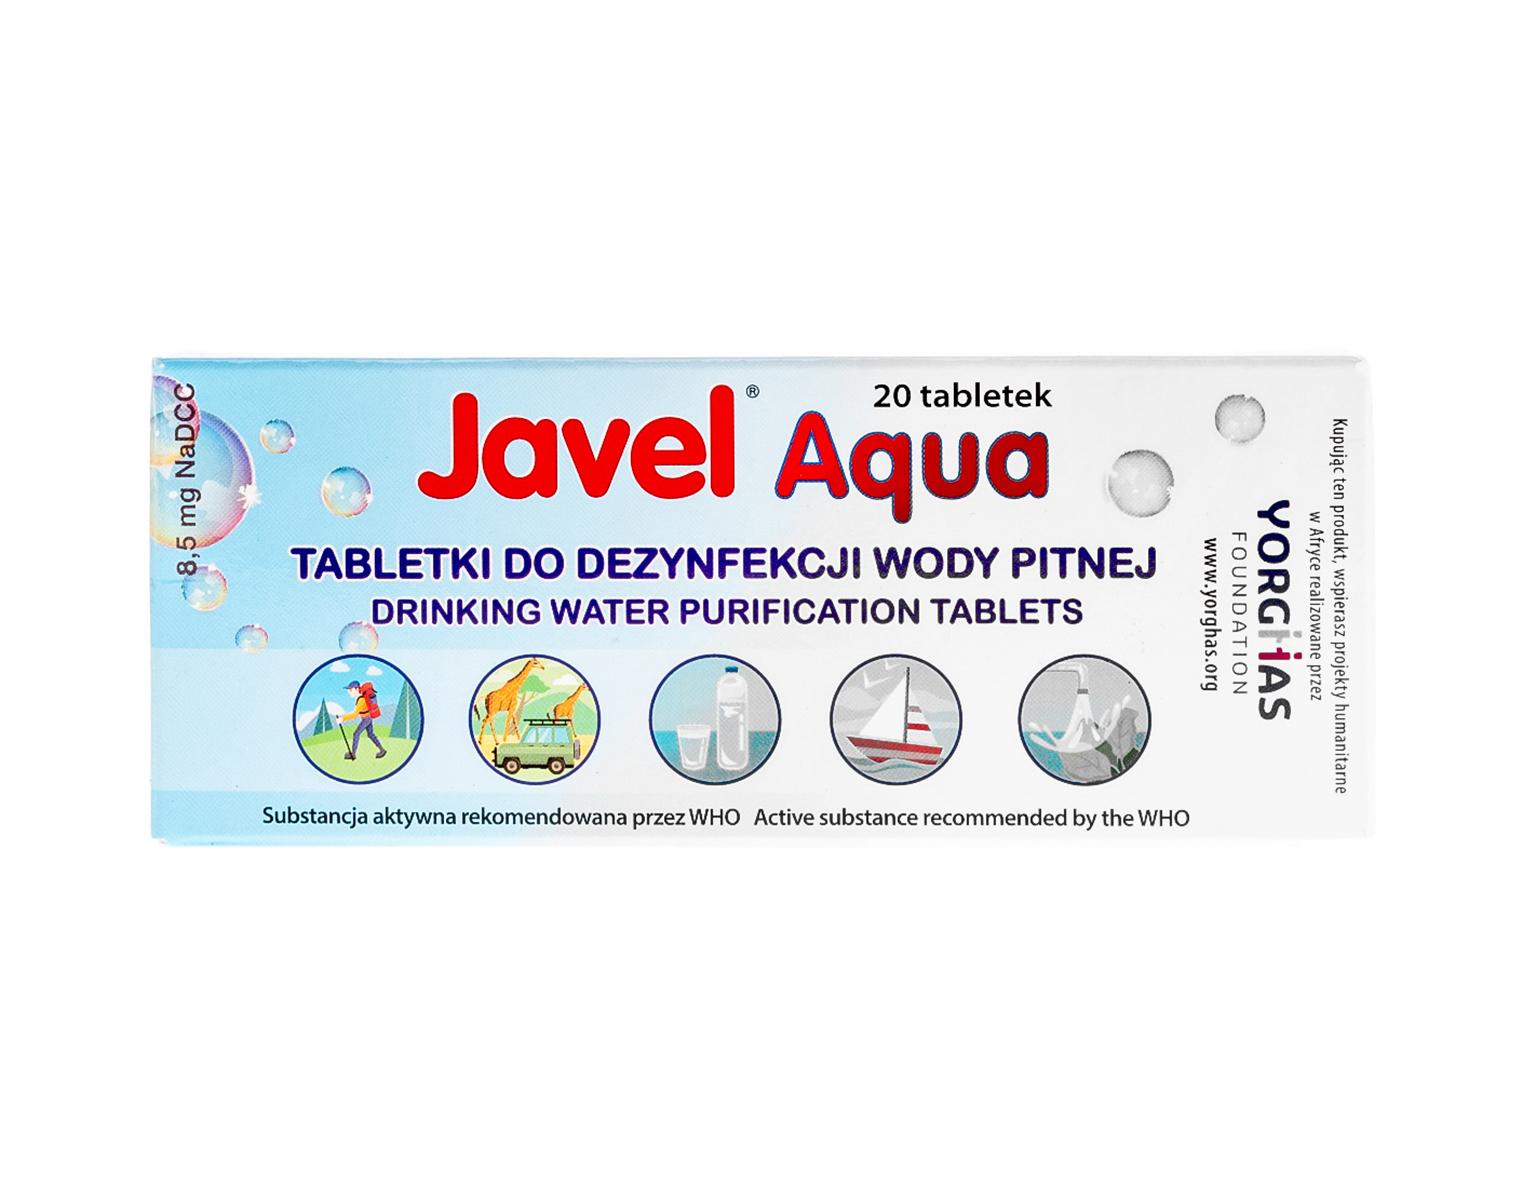 Tabletki do dezynfekcji wody pitnej